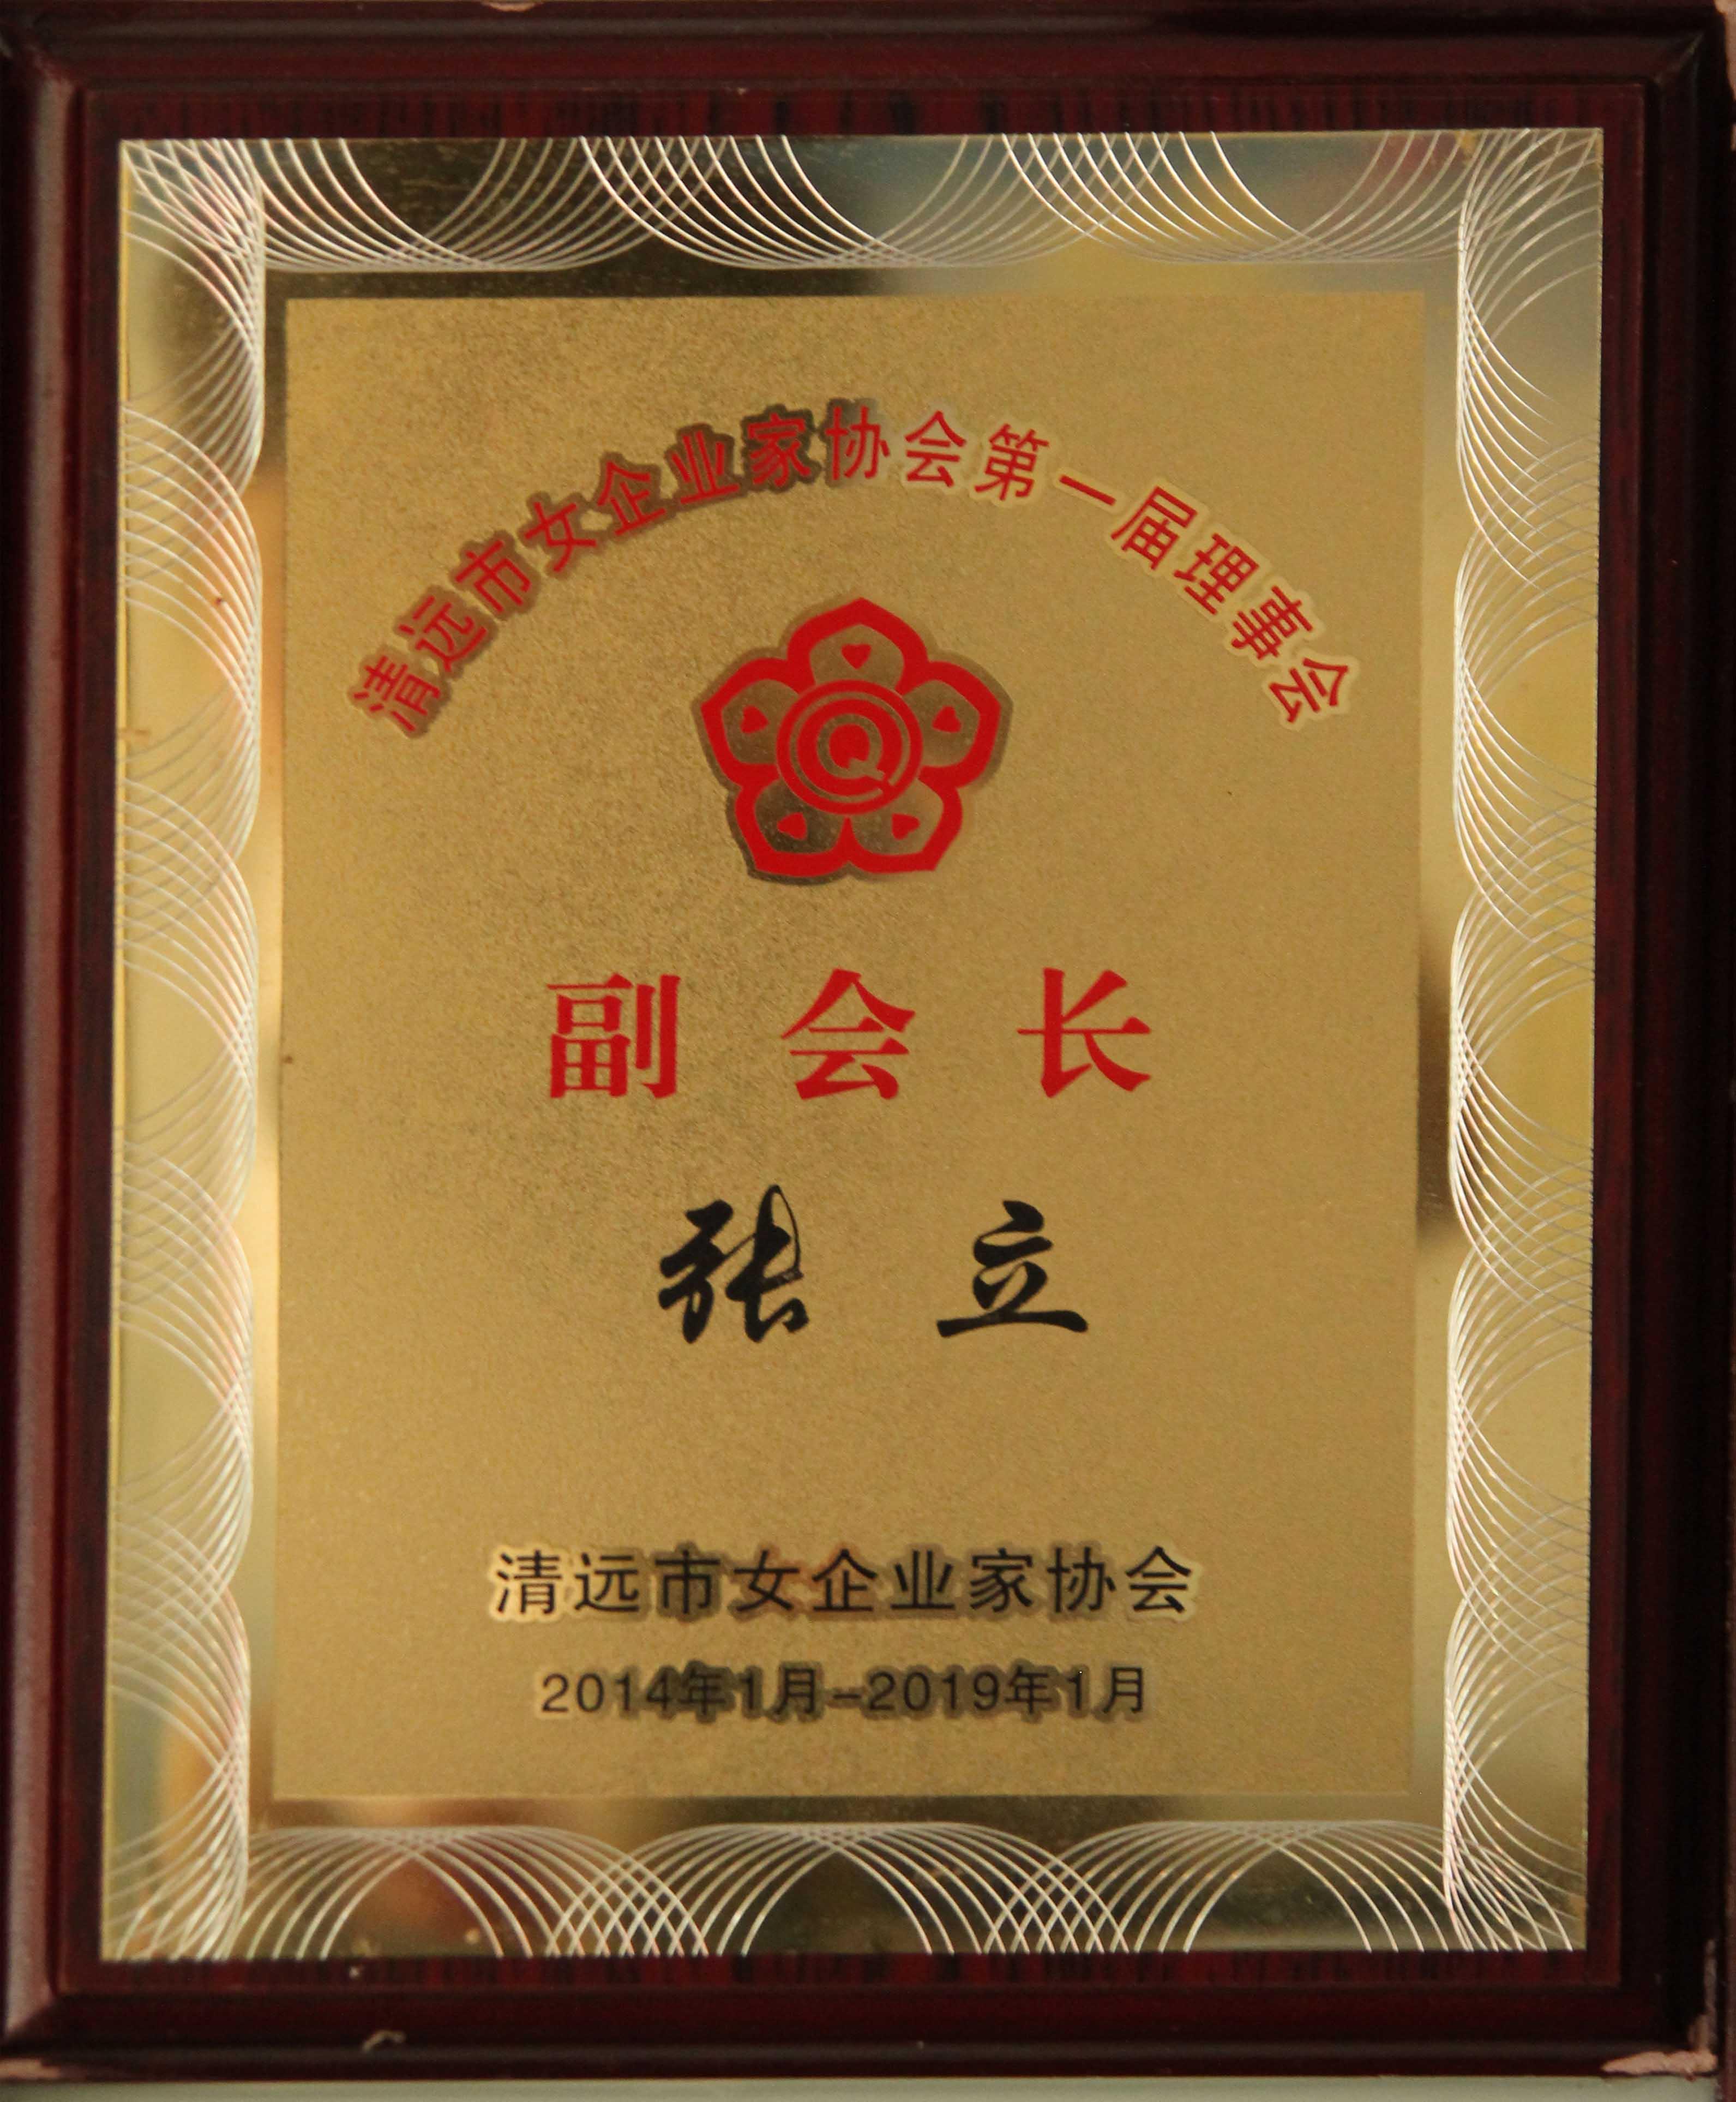 清远市女企业家协会第一届理事会